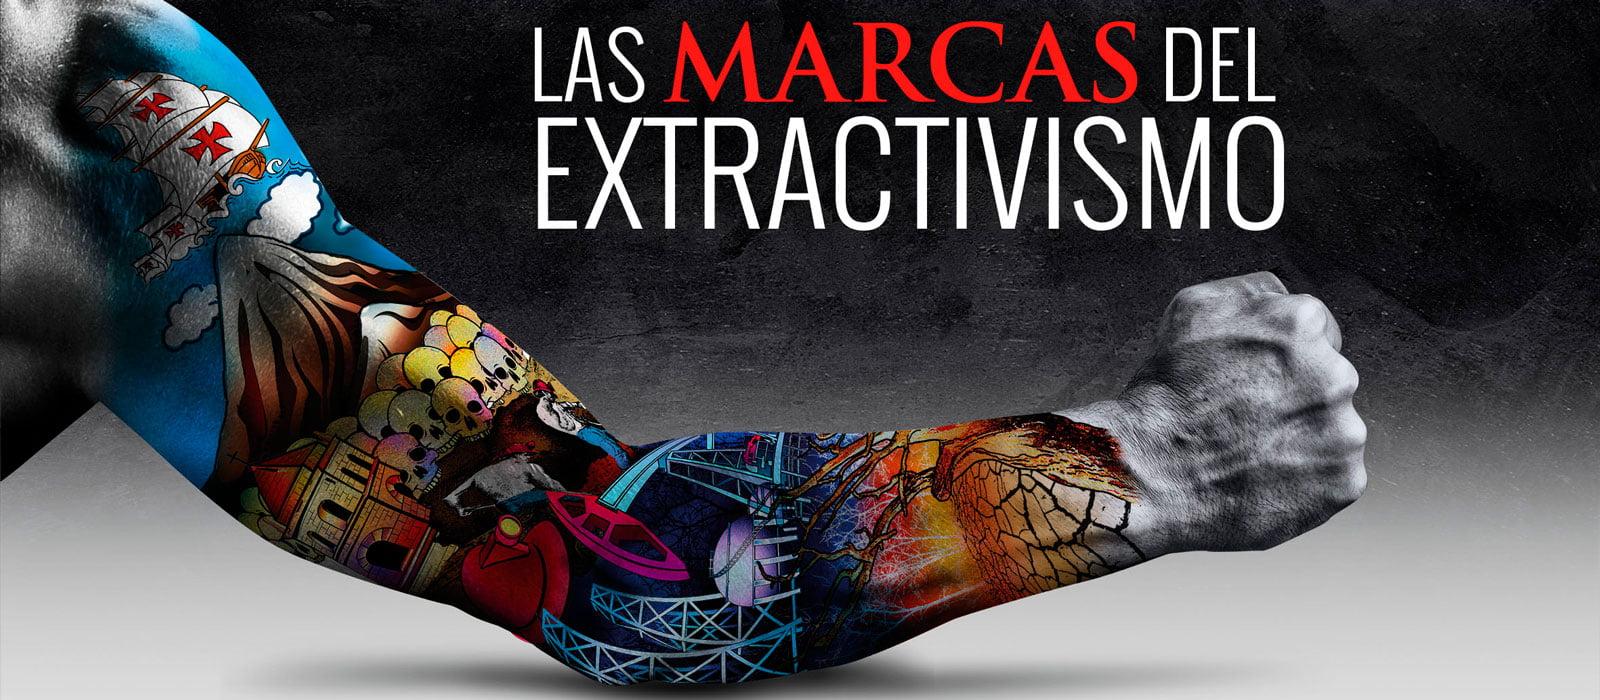 Las marcas del extractivismo